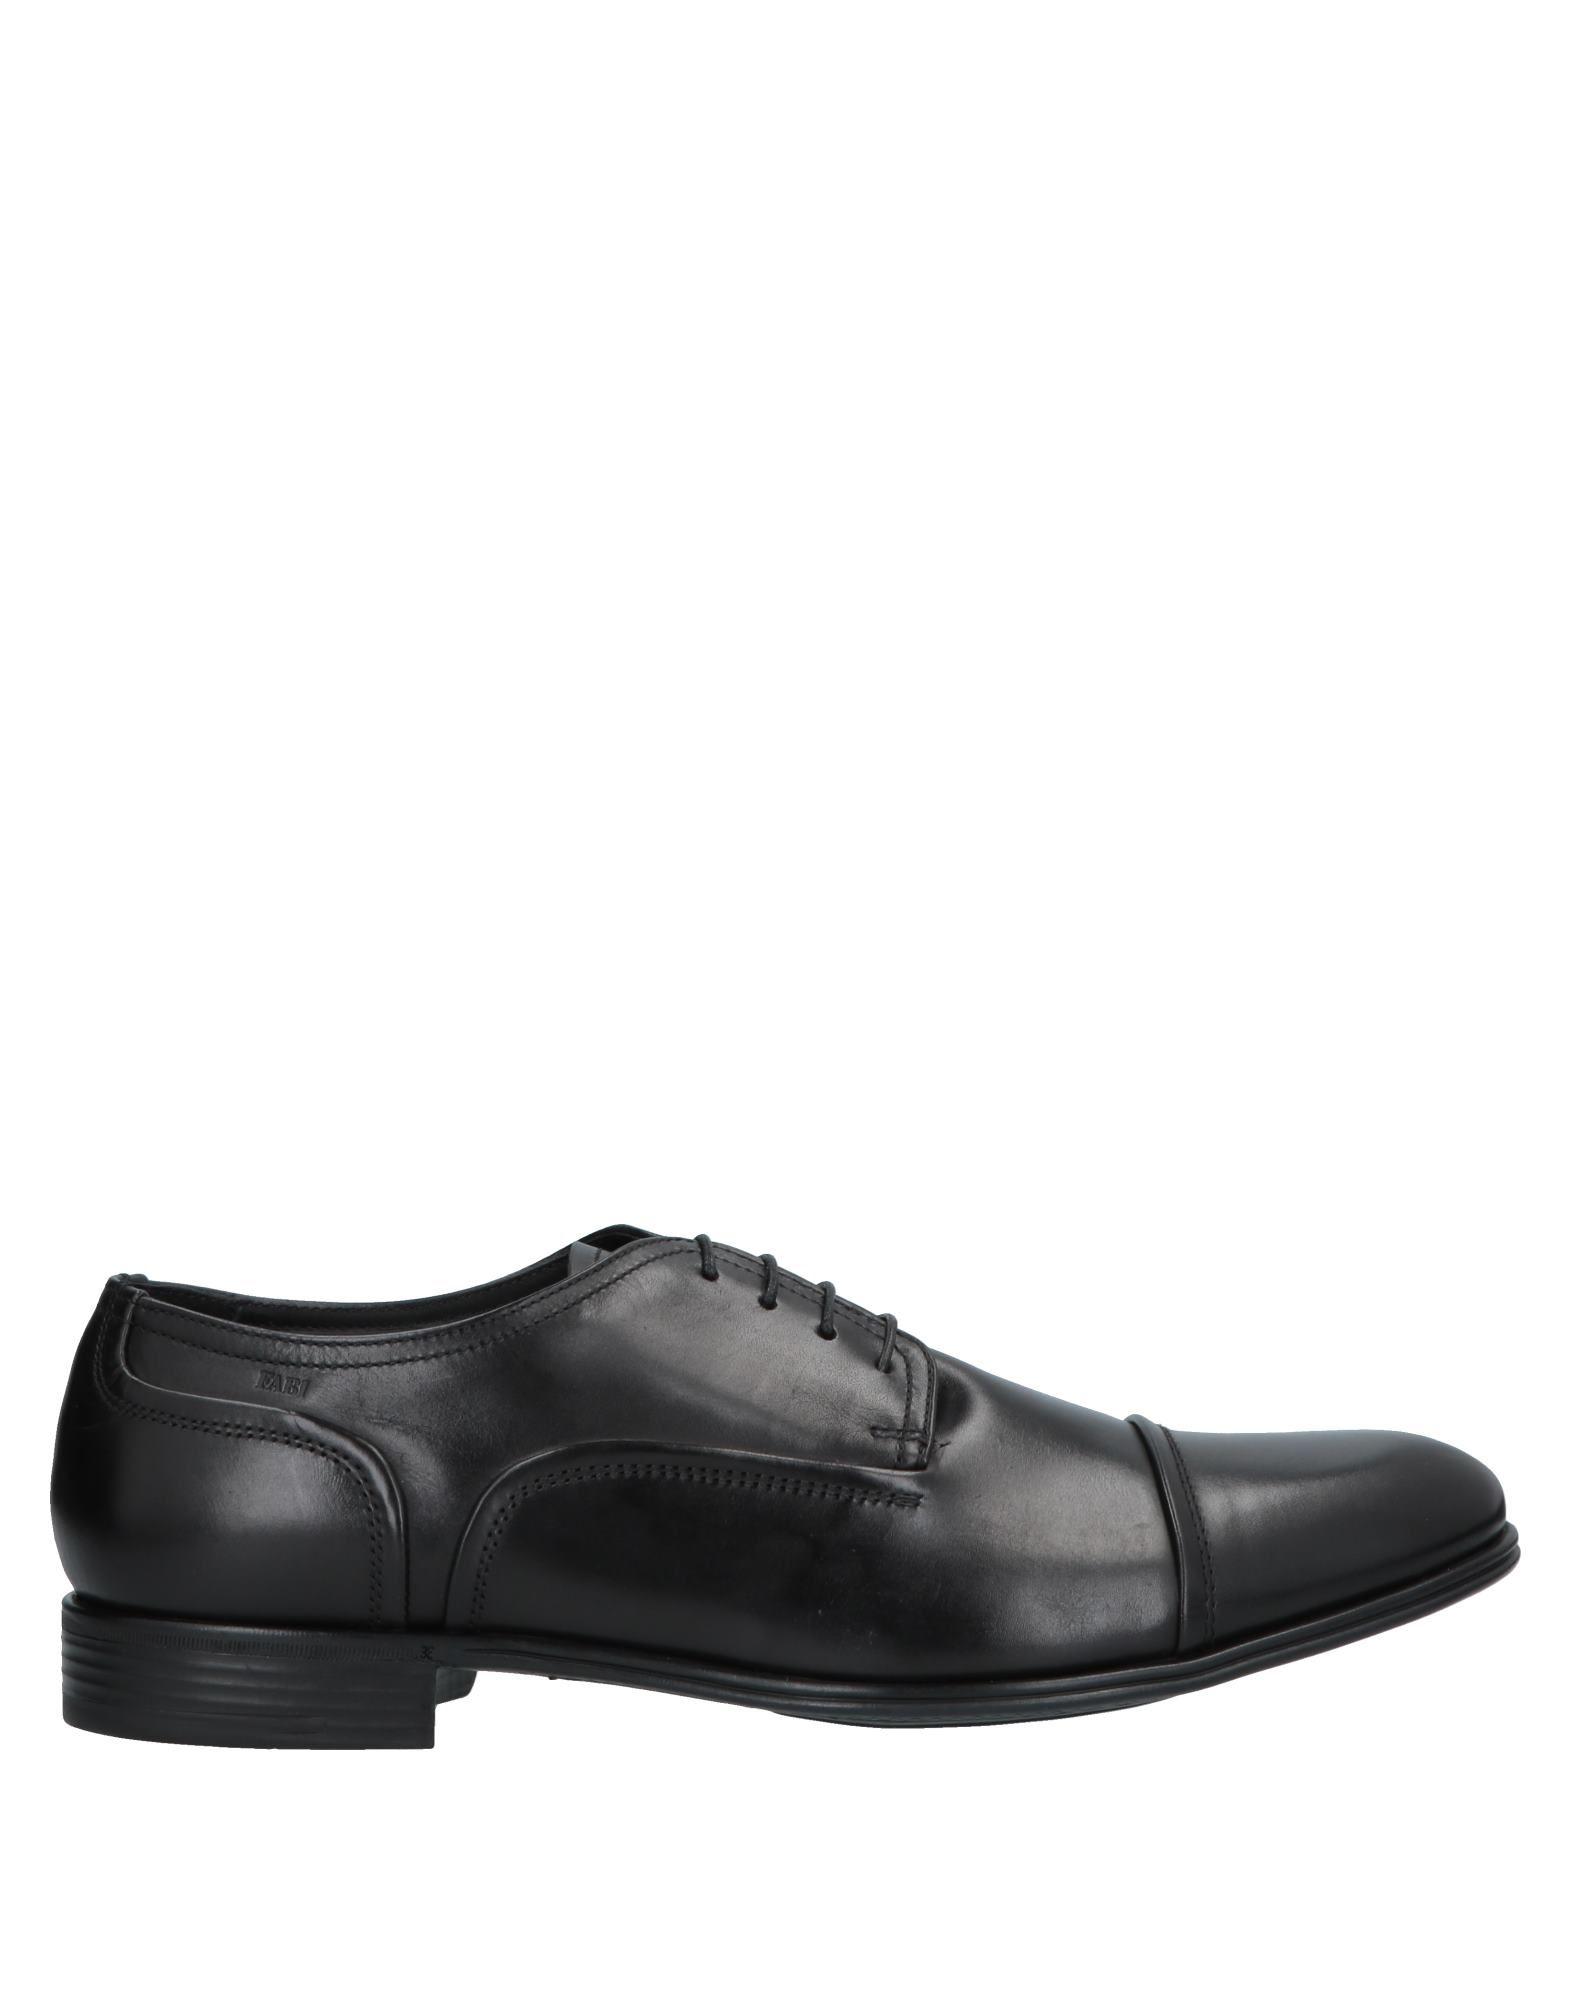 Фото - FABI Обувь на шнурках обувь на высокой платформе dkny